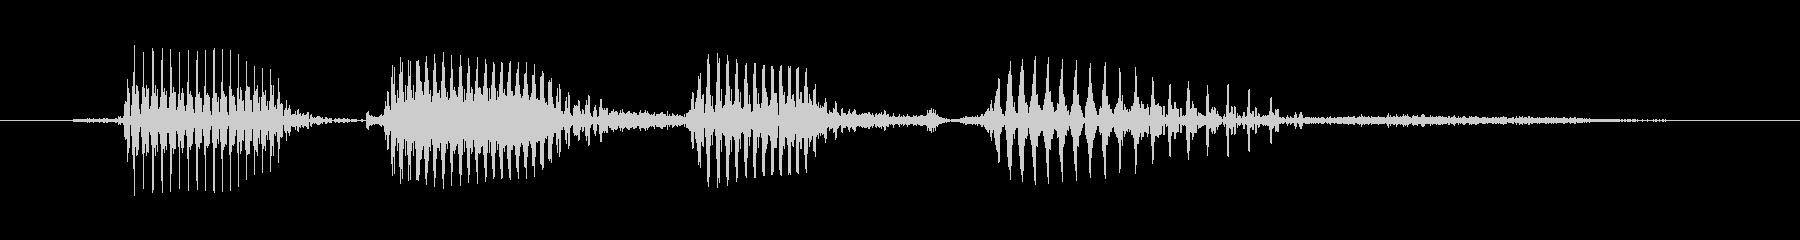 シニア男性A:ハッピー50の未再生の波形